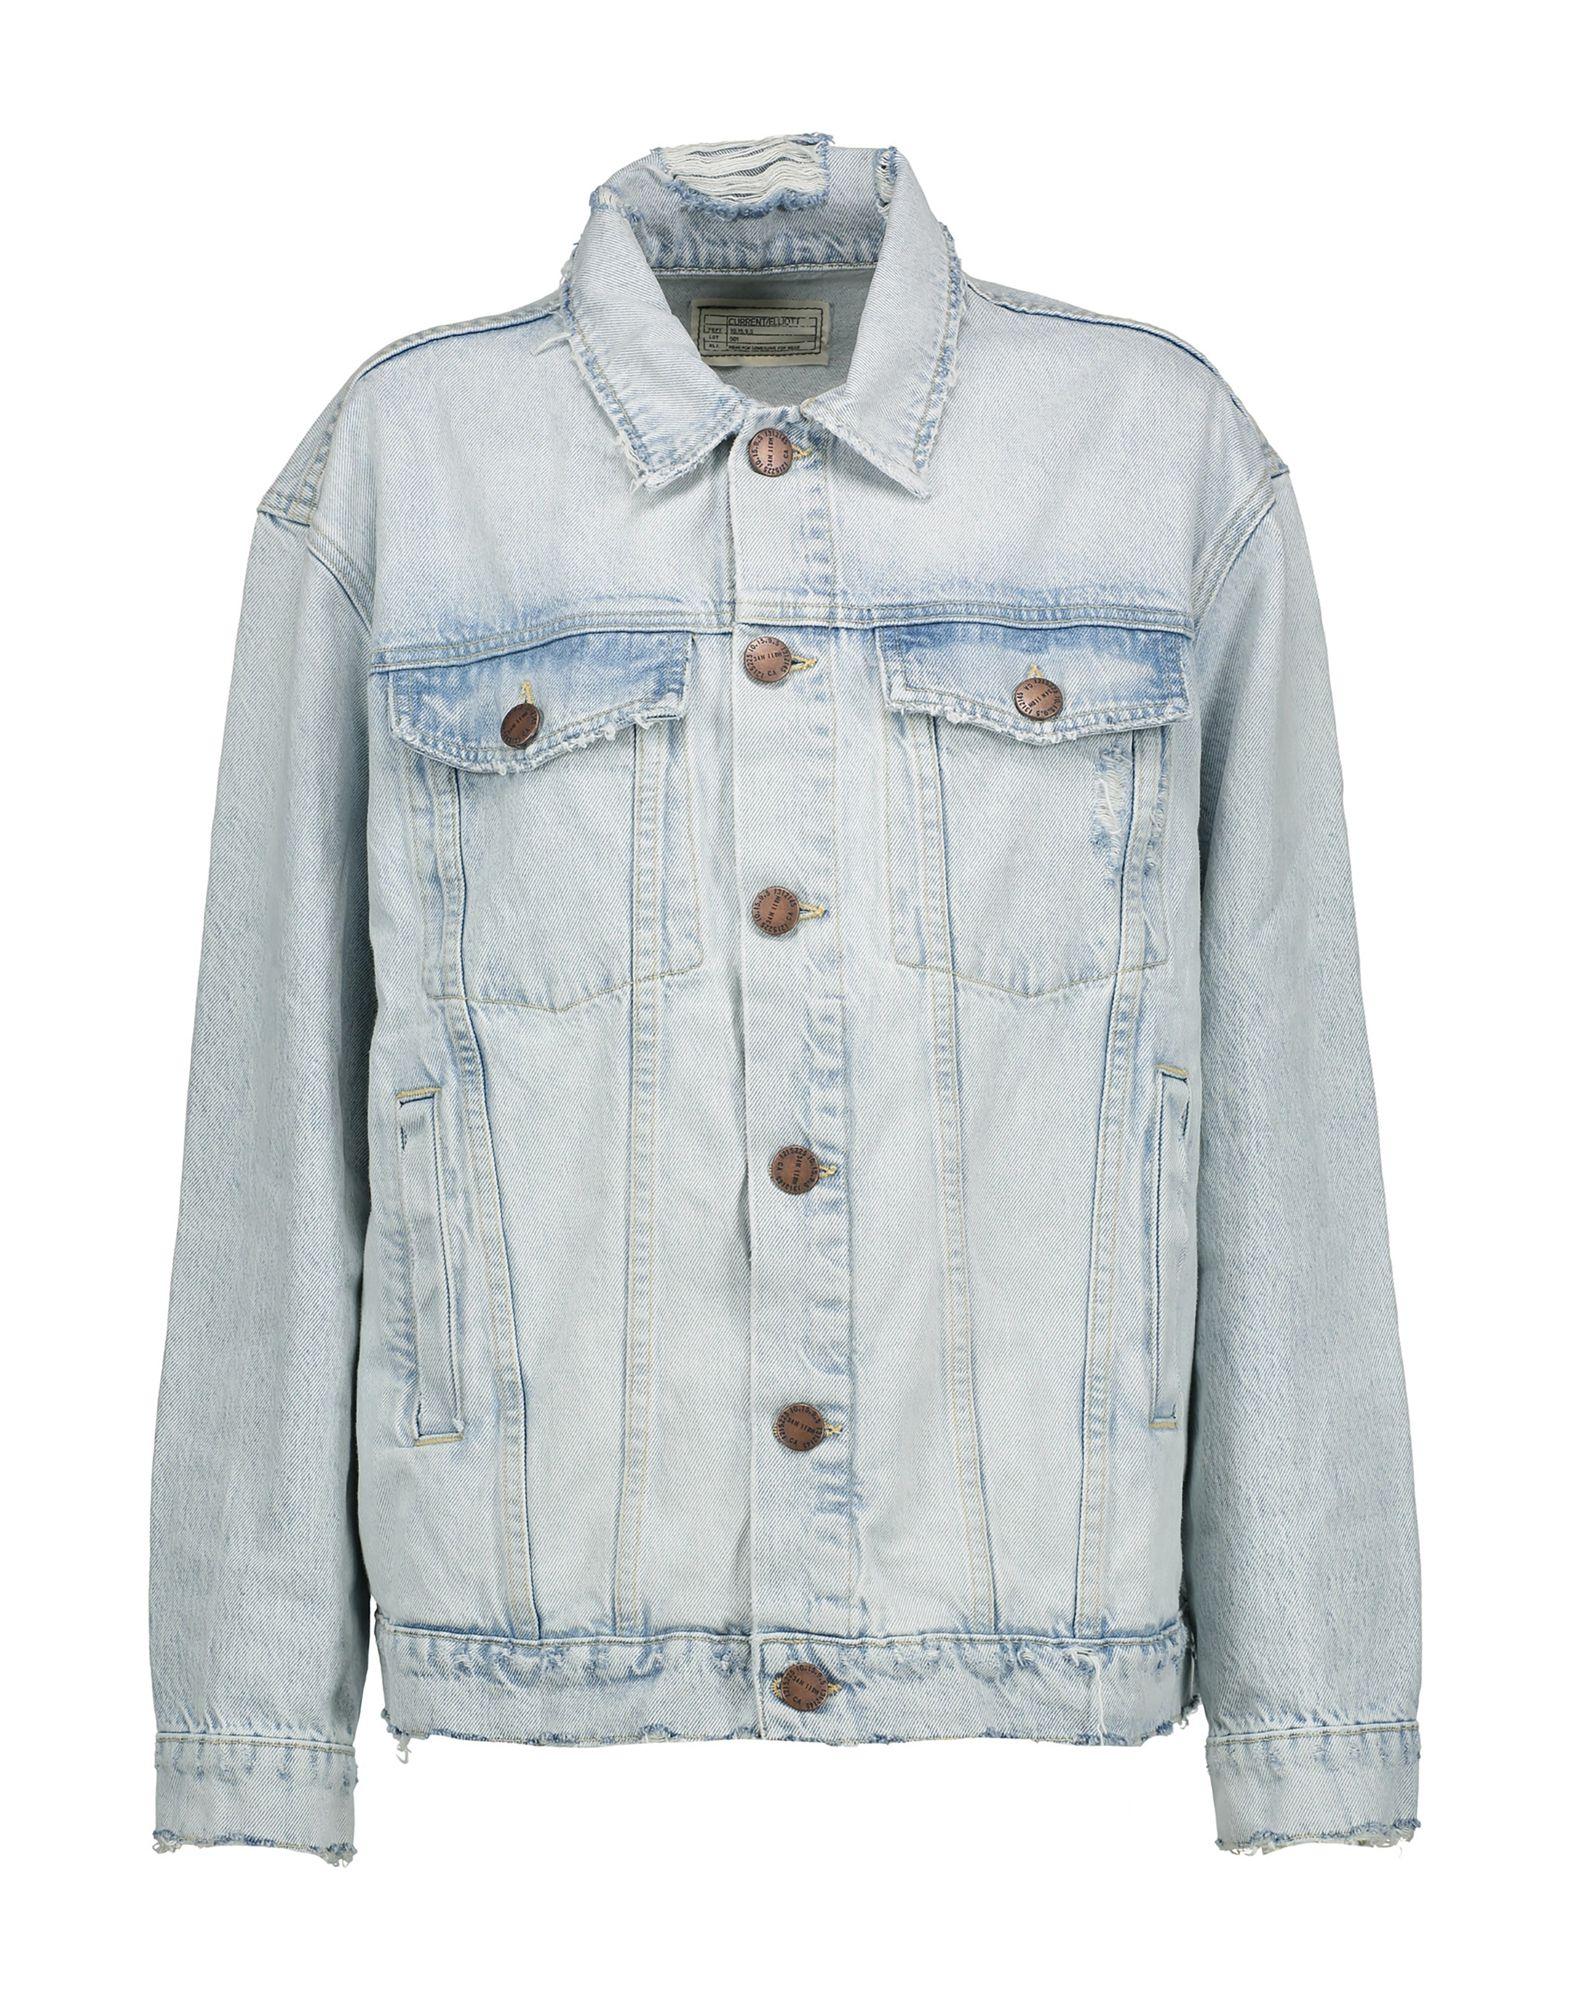 CURRENT/ELLIOTT Джинсовая верхняя одежда брендовая одежда